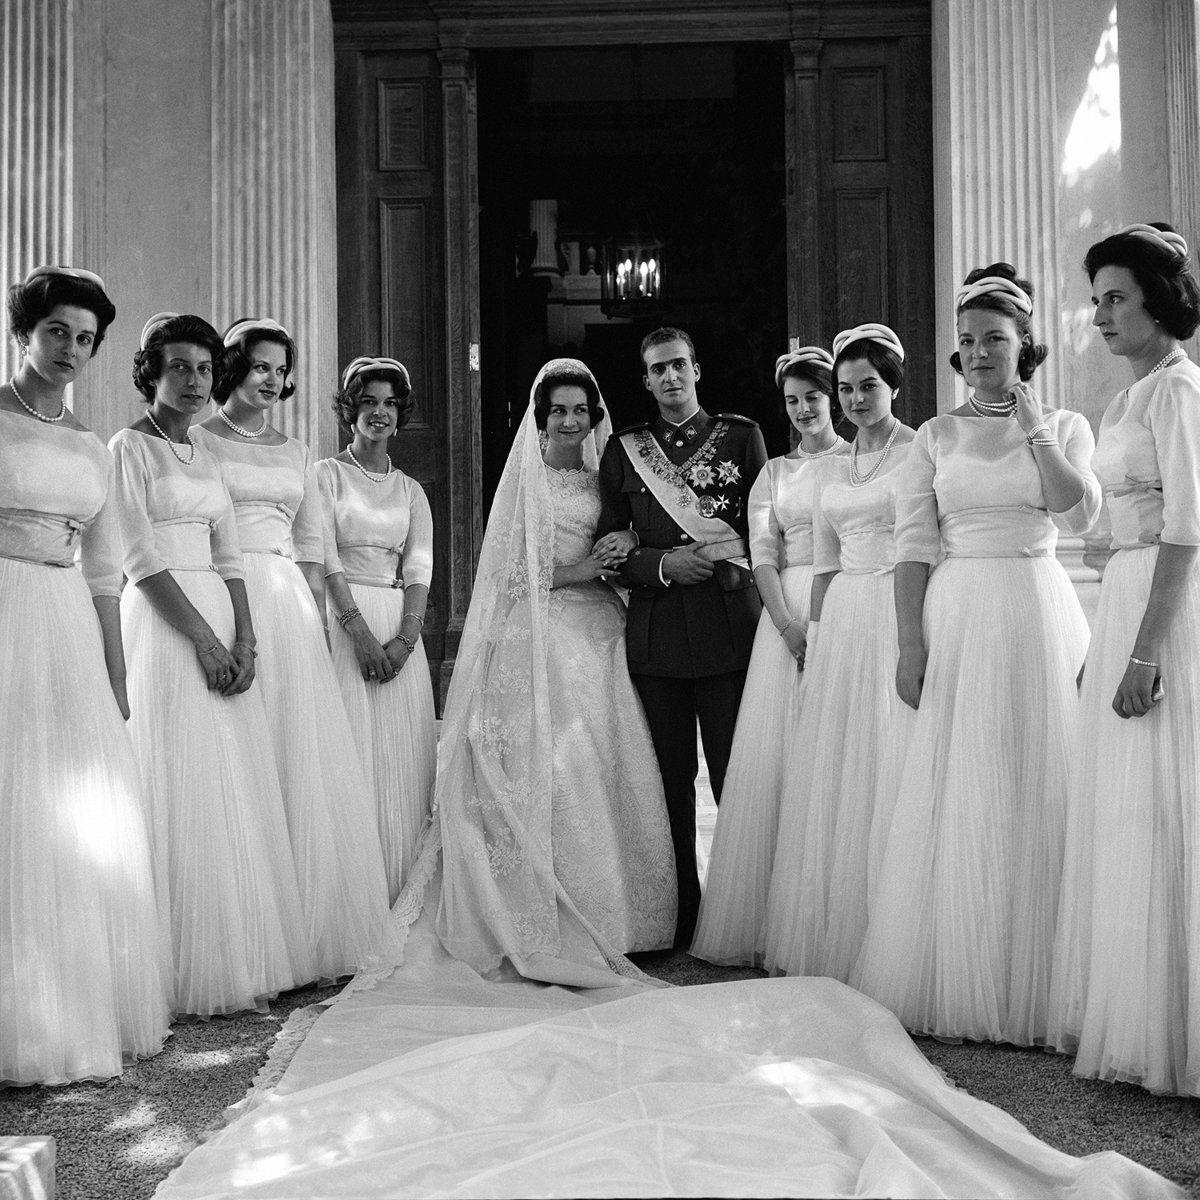 Vintage Brautkleider | Pinterest | Spanische königin, Brautjungfer ...